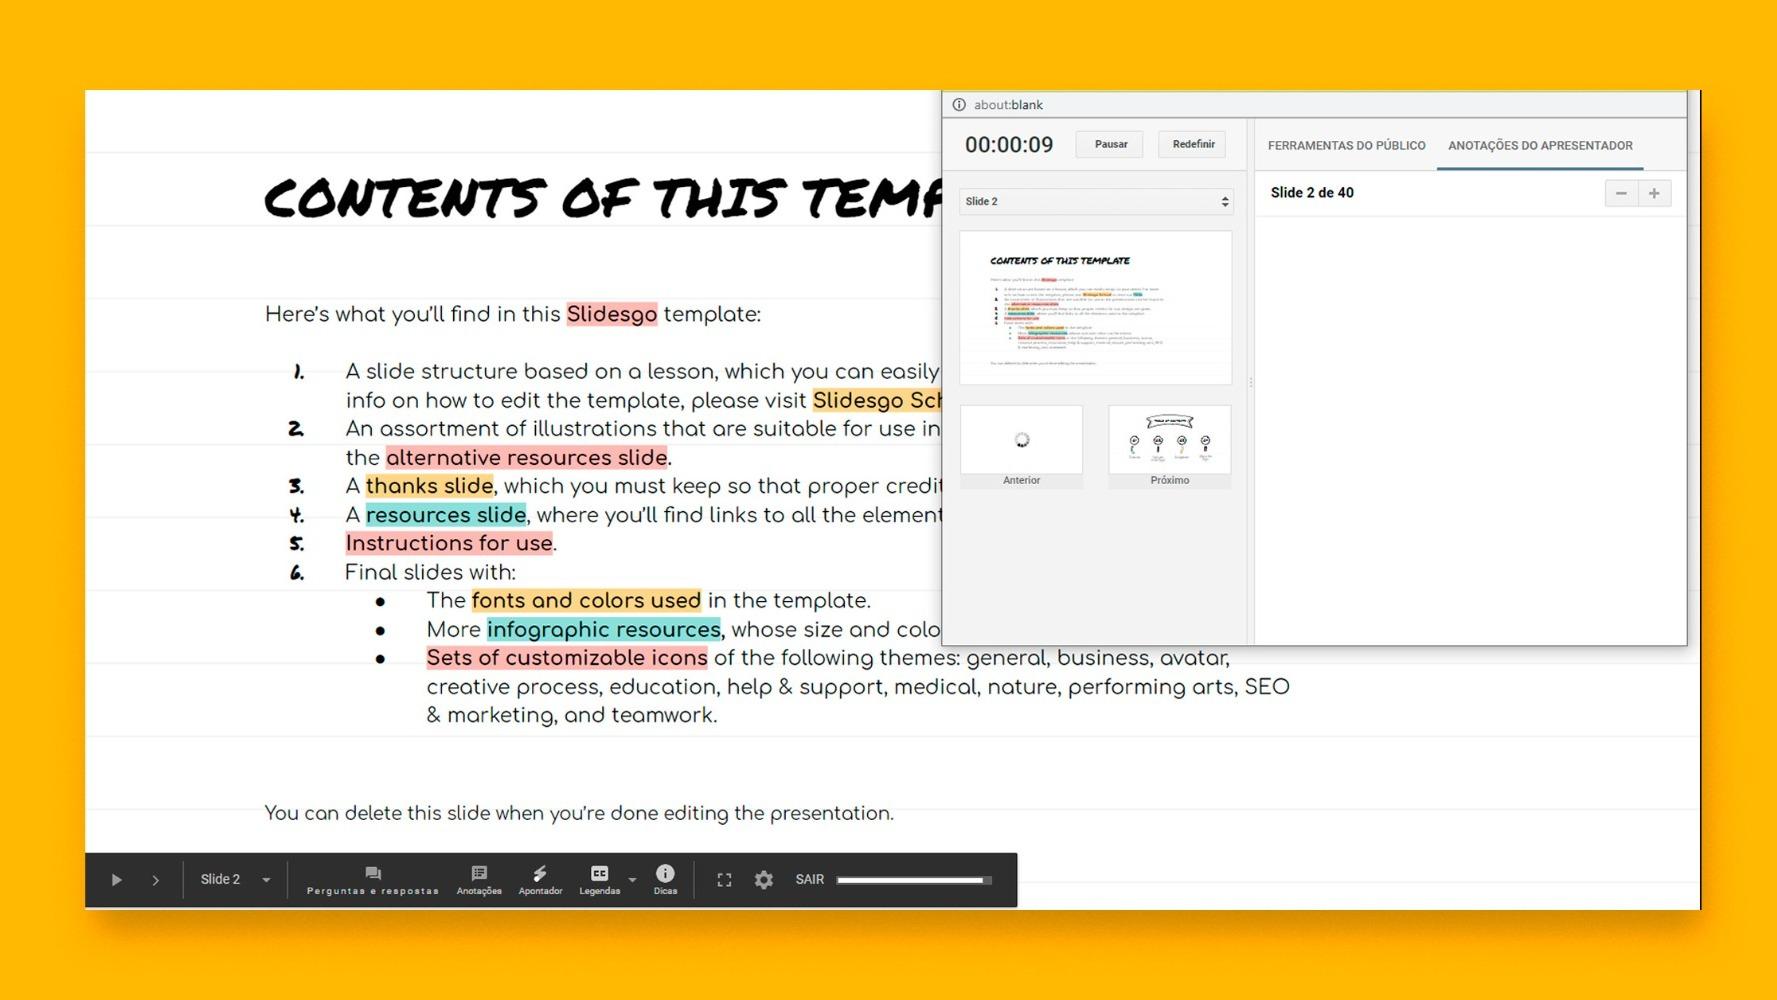 Como adicionar e trabalhar com anotações do apresentador no Google Slides | Tutoriais e Dicas de apresentação